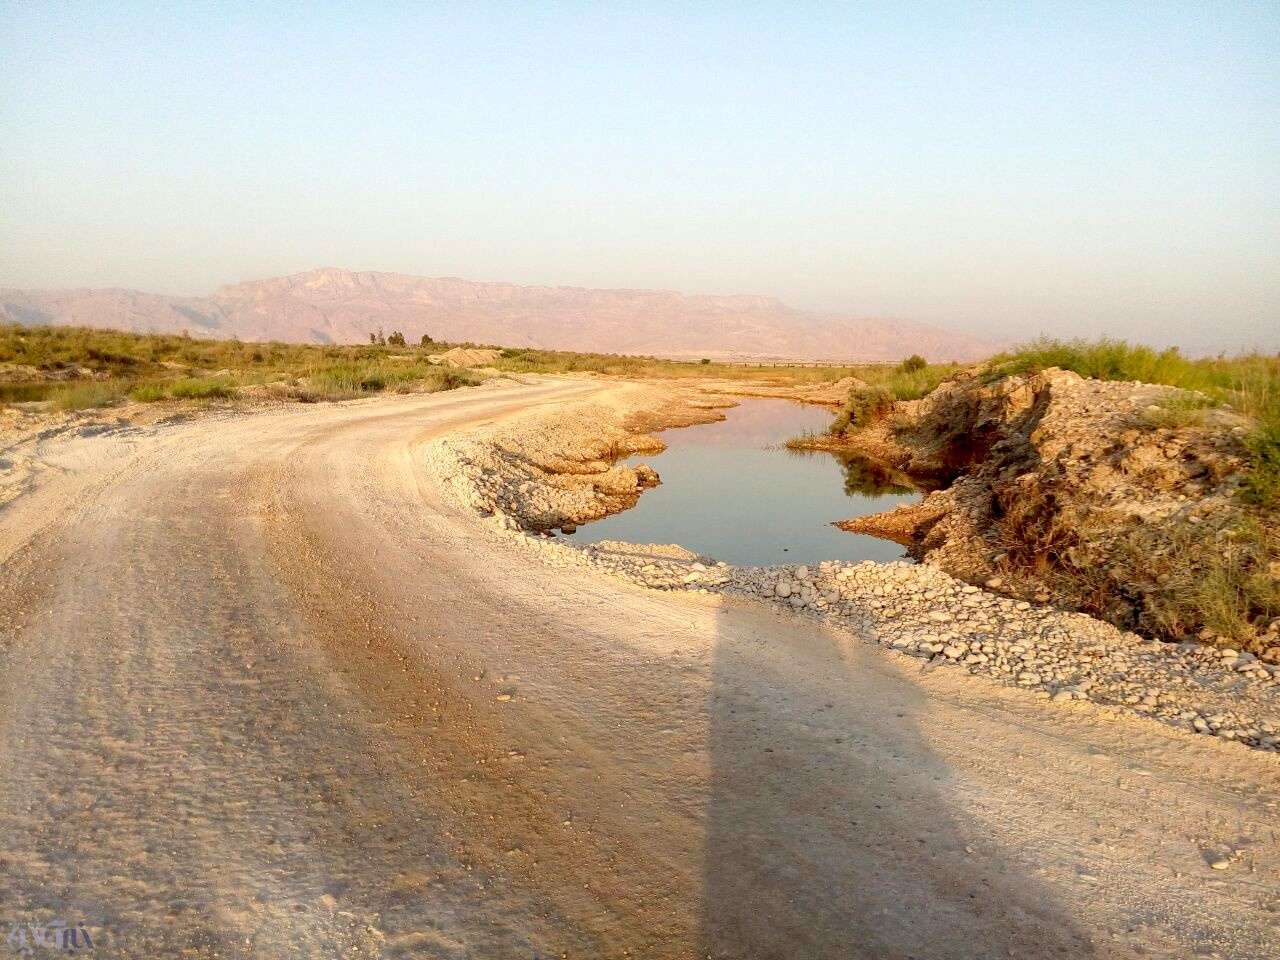 دالکی، تکرار فاجعه دریاچه ارومیه، اینبار با سنگشکن/ بلدوزرها به جان رودخانه پر آب بوشهر افتادند